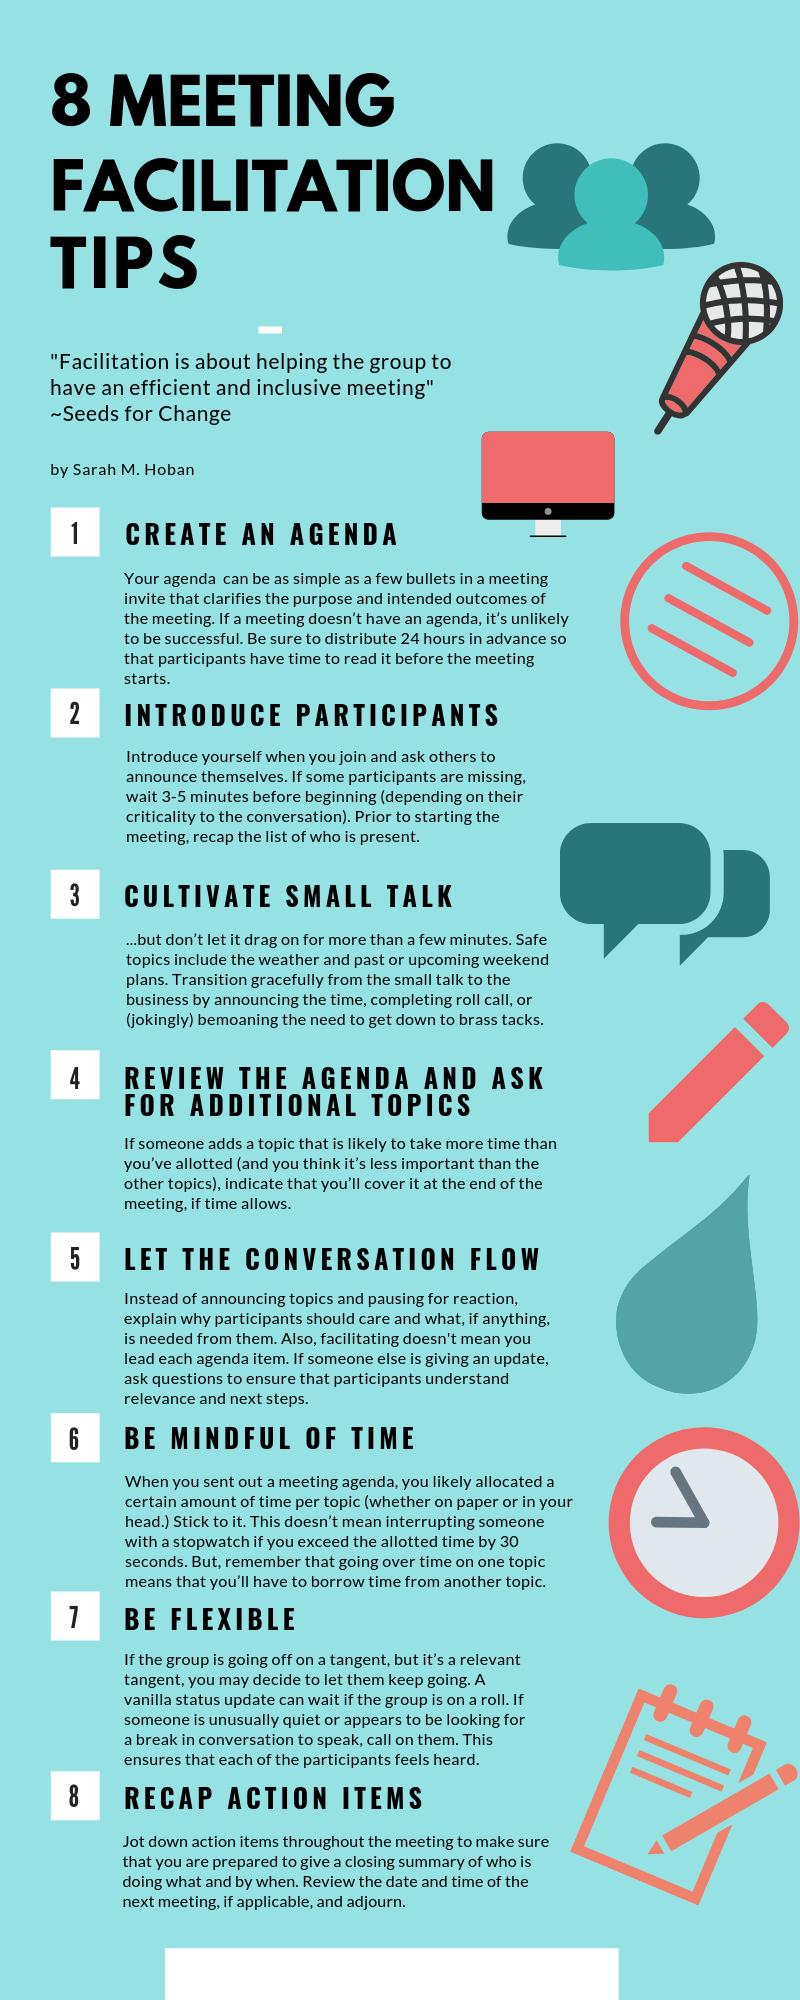 8 Meeting Facilitation Tips (1).png